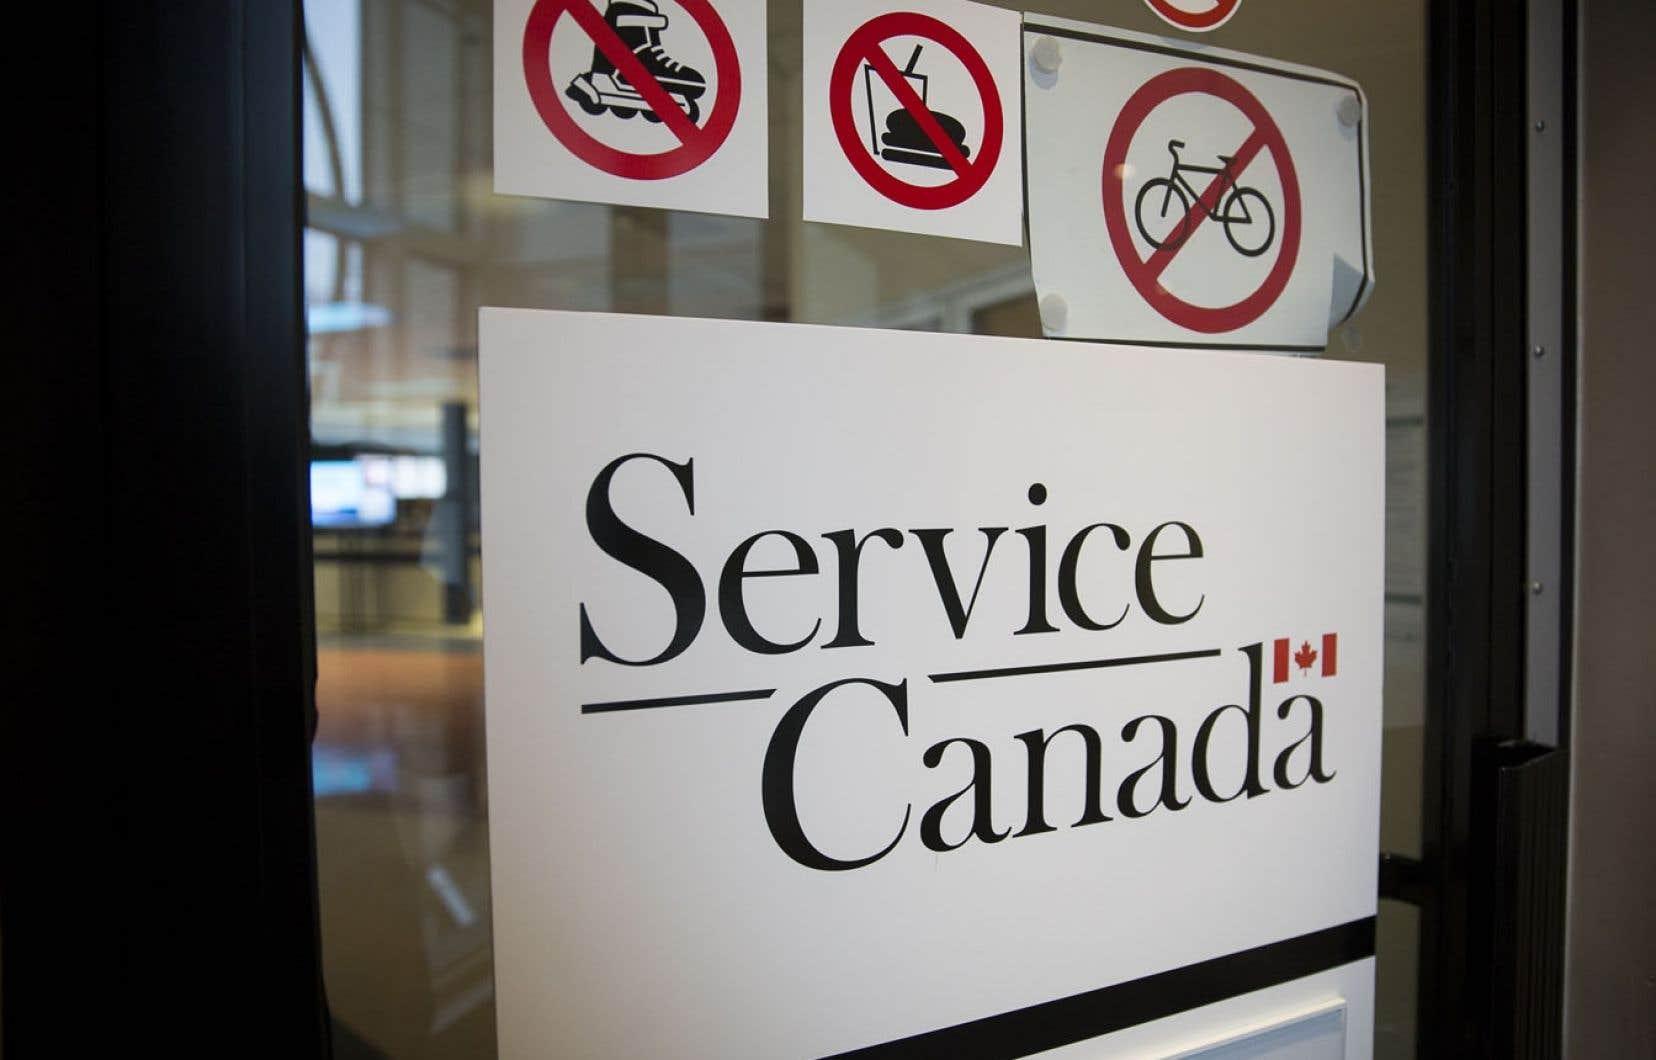 Service Canada exige désormais des chômeurs qu'ils fassent une demande d'accès à l'information pour consulter leur dossier d'assurance-emploi.